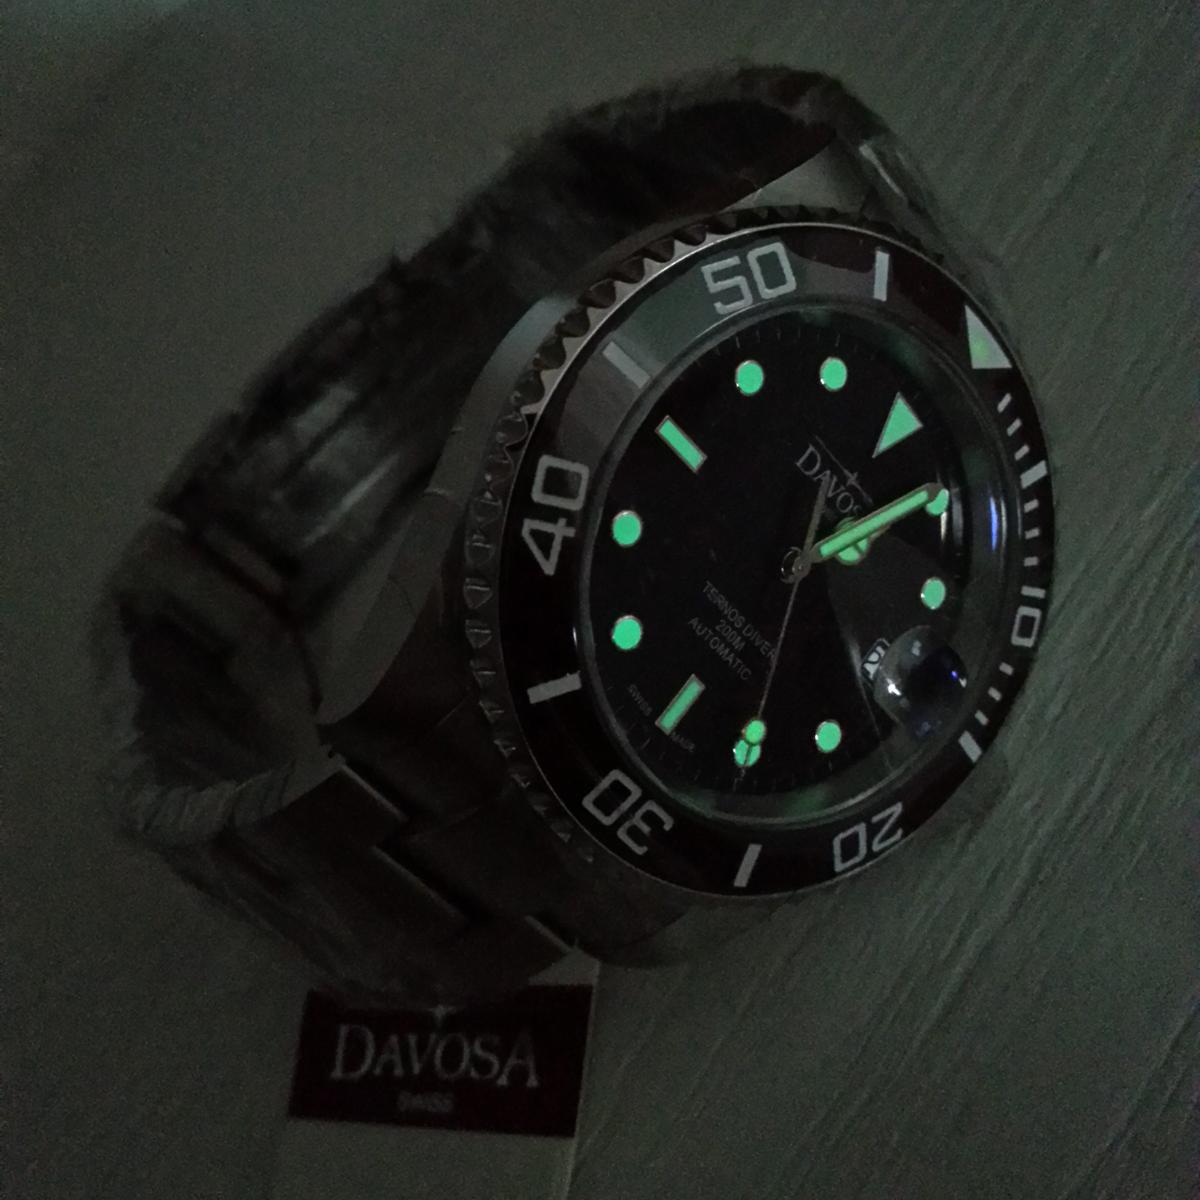 迪沃斯16155580手表【表友晒单作业】读了17年...